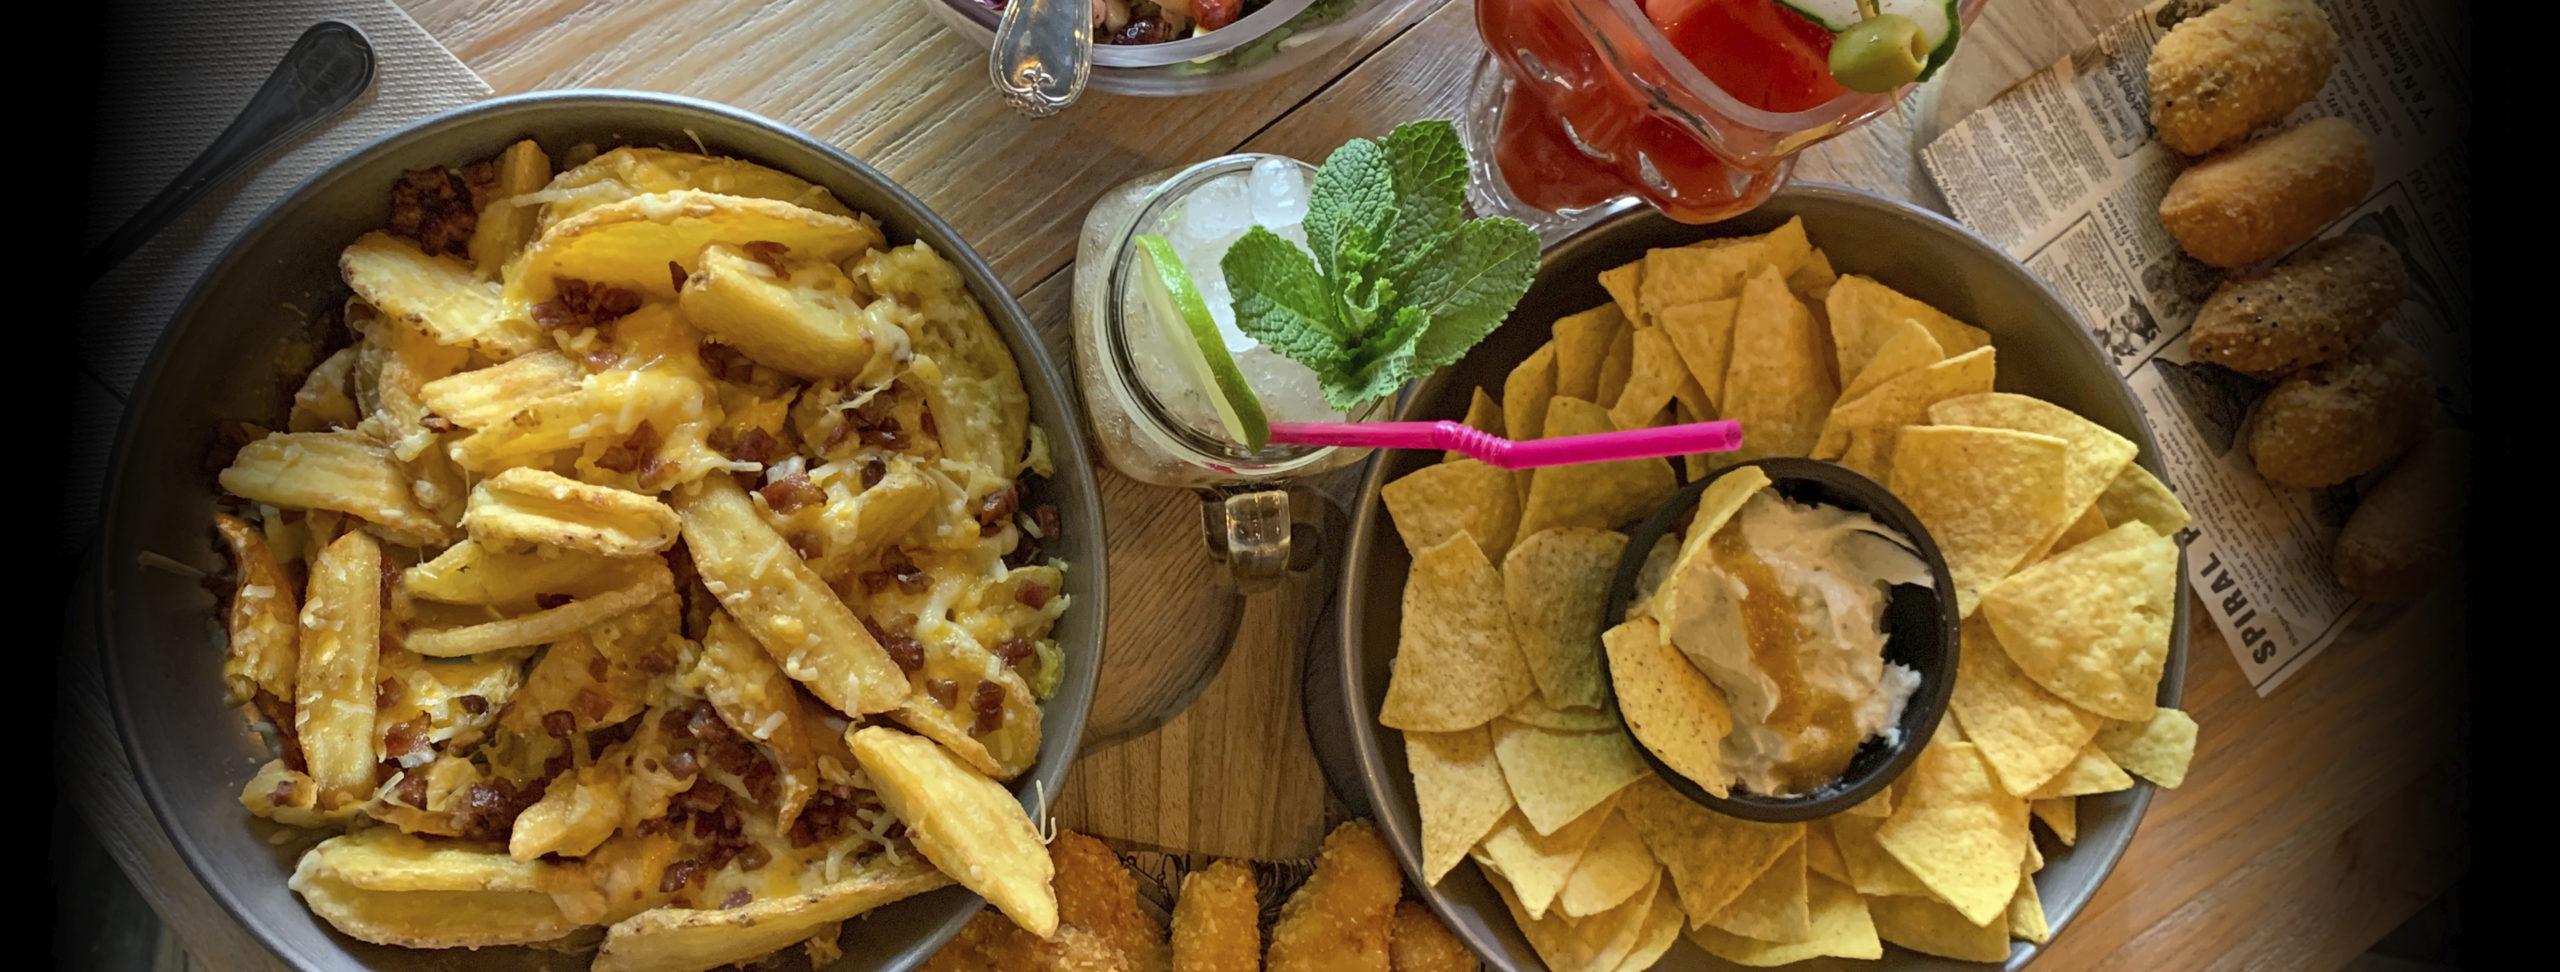 carrusel-patatas-spoilerbarsmall